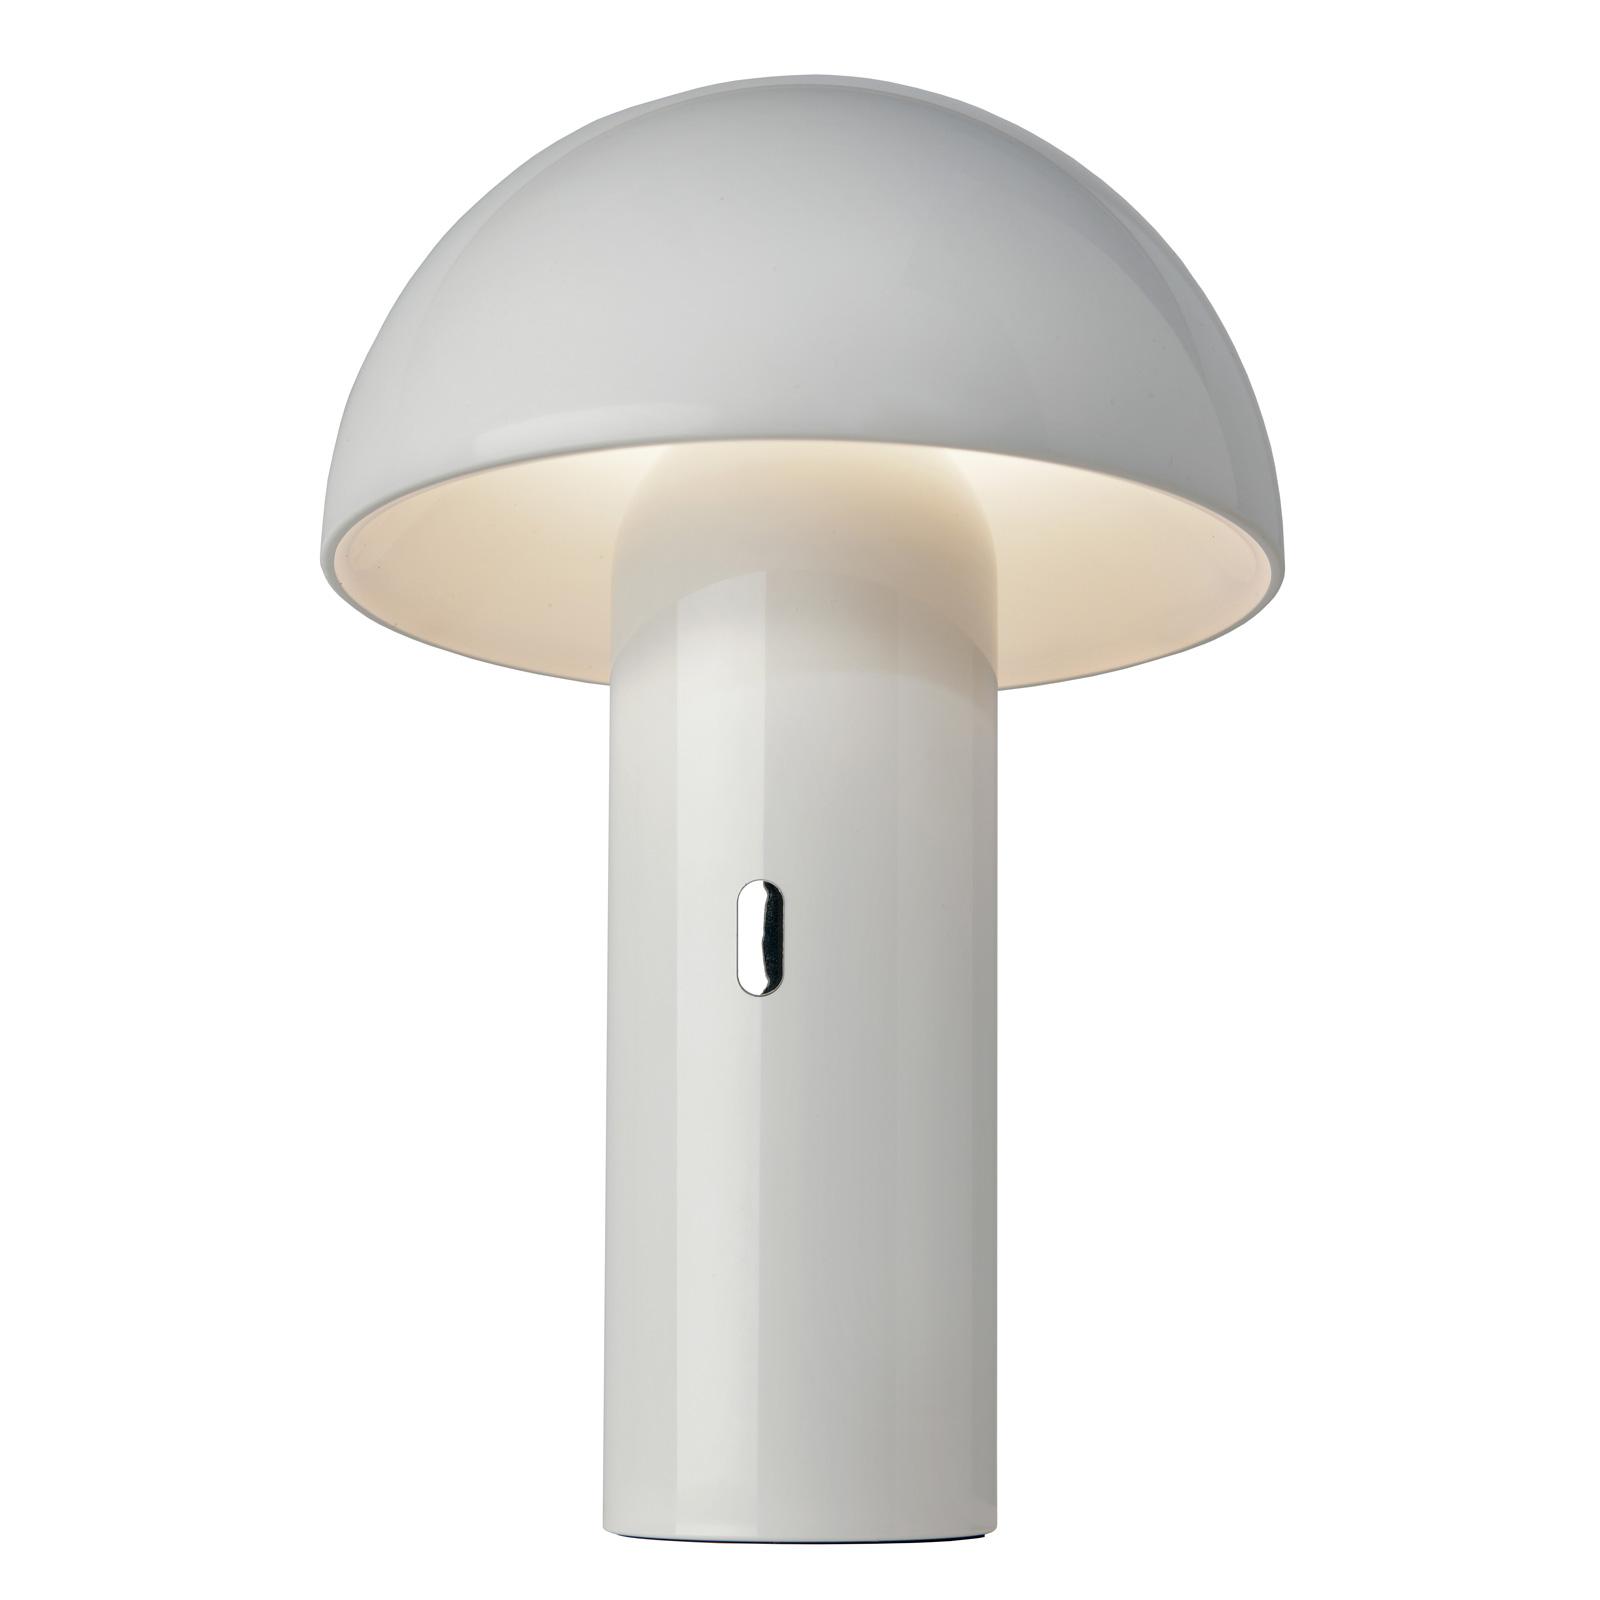 LED-bordlampe Svamp med batteri, dreibar, hvit